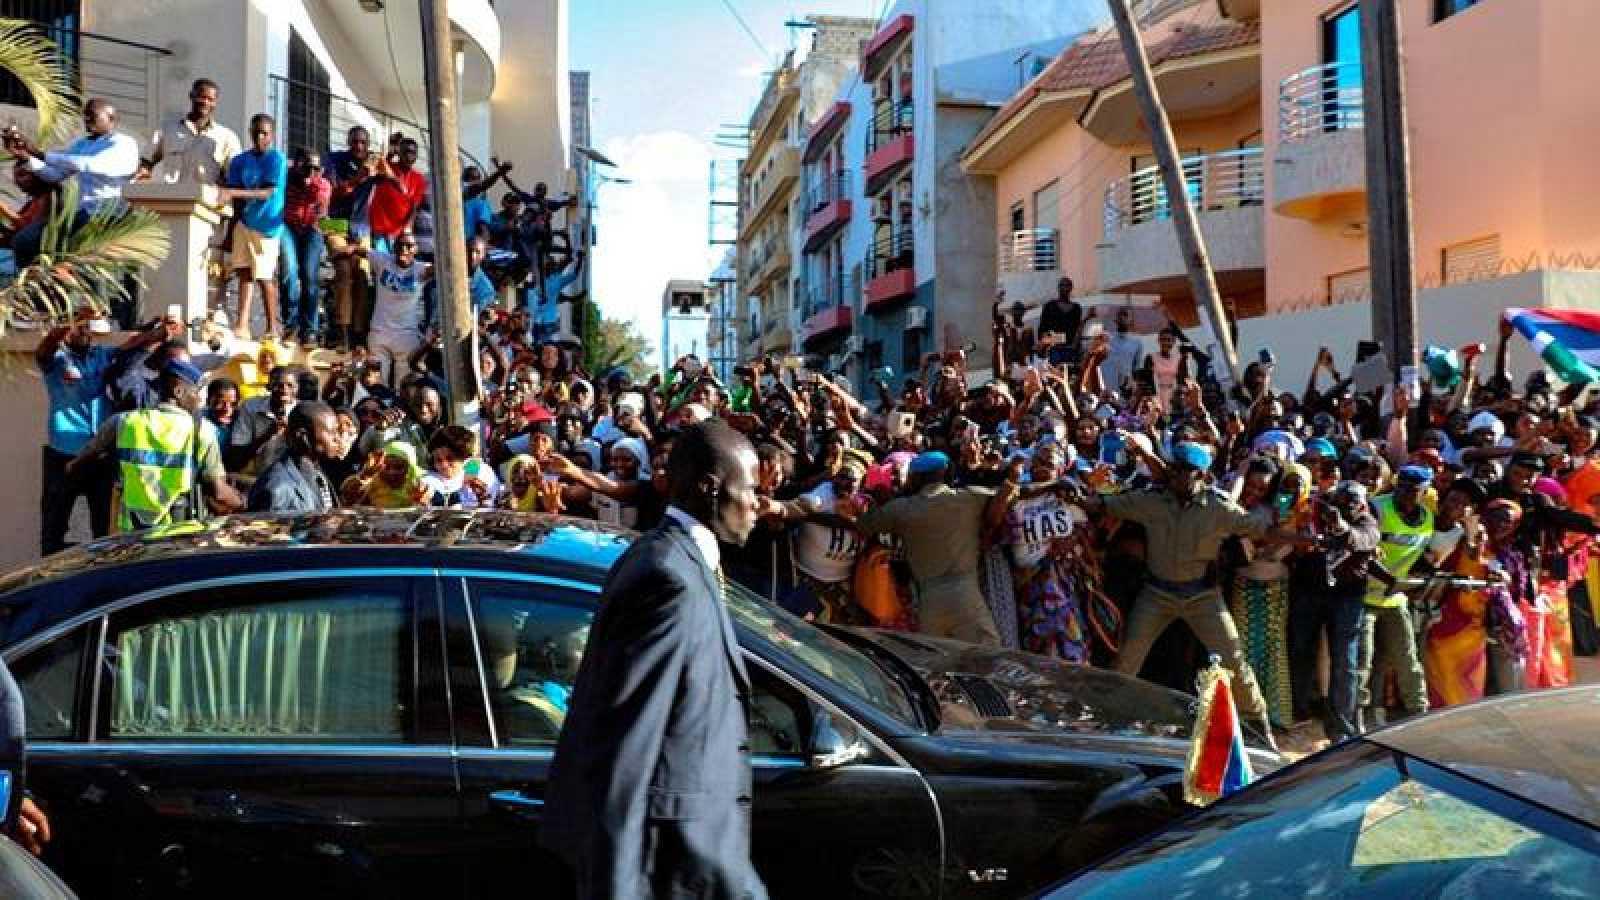 Los seguidores de Adama Barrow celebran su investidura como nuevo presidente de Gambia a su salida de la embajada de Dakar